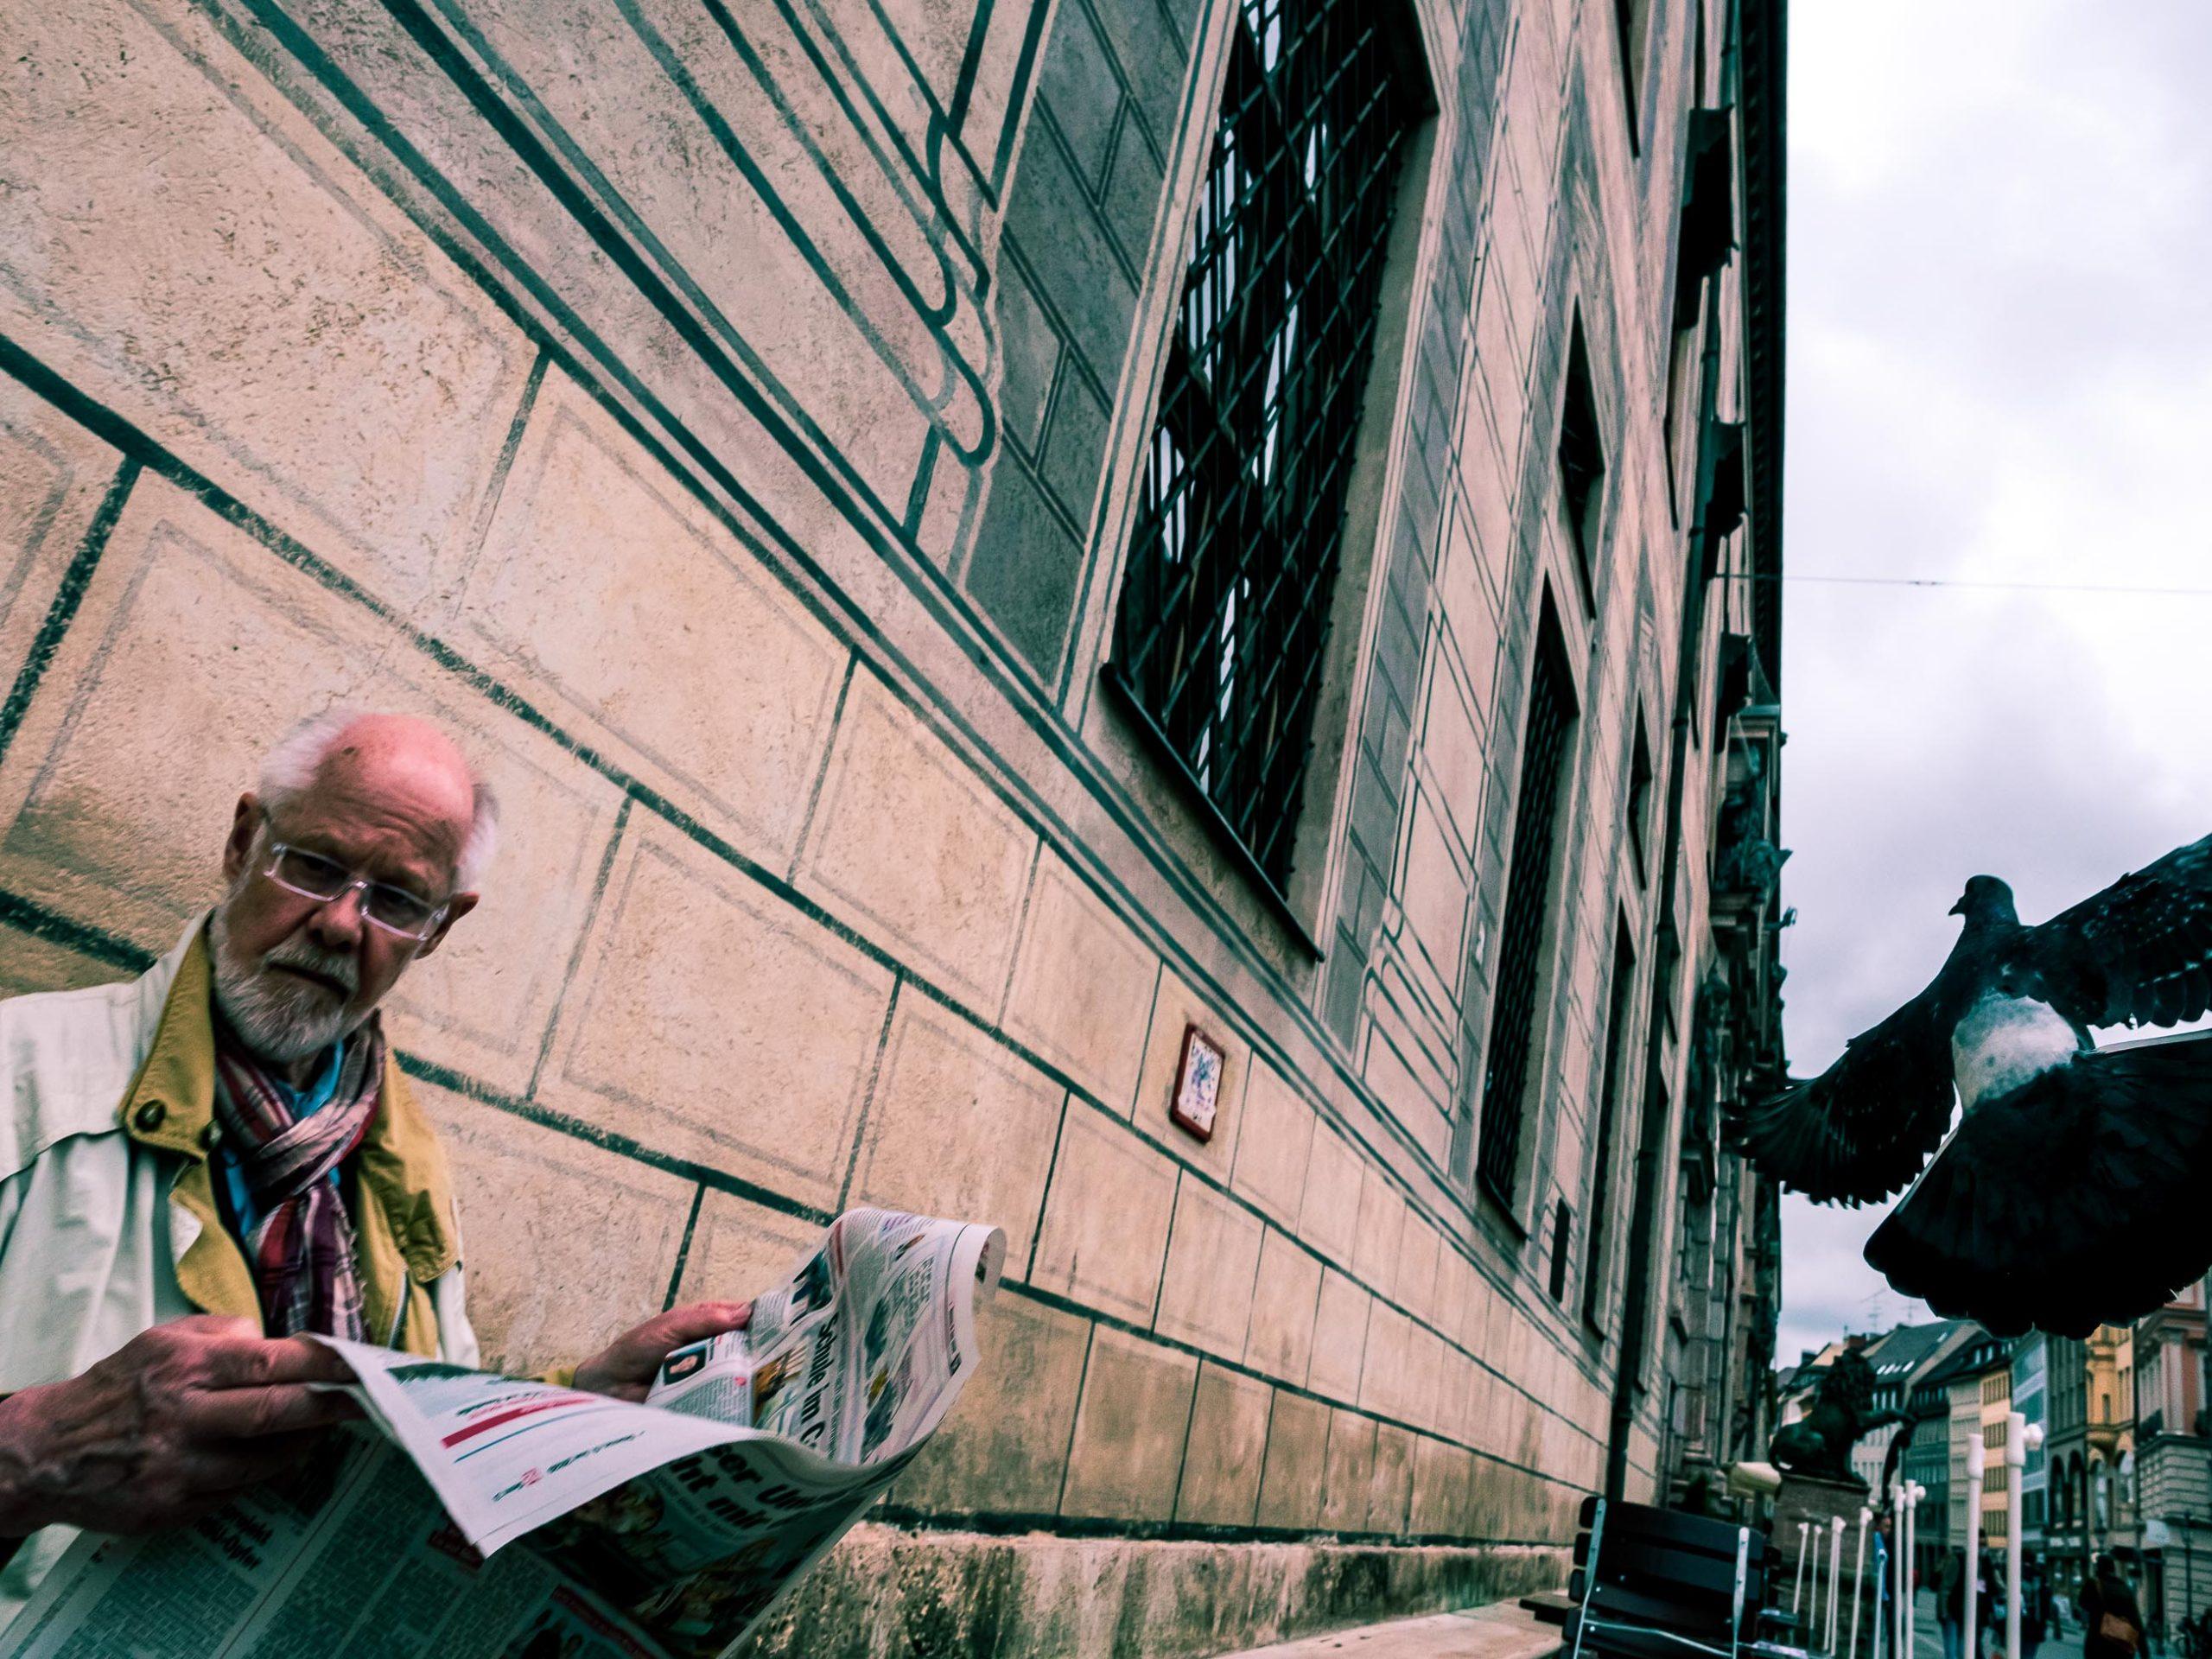 Mann liest Zeitung und Taube fliegt vorbei in der Residenzstraße in München